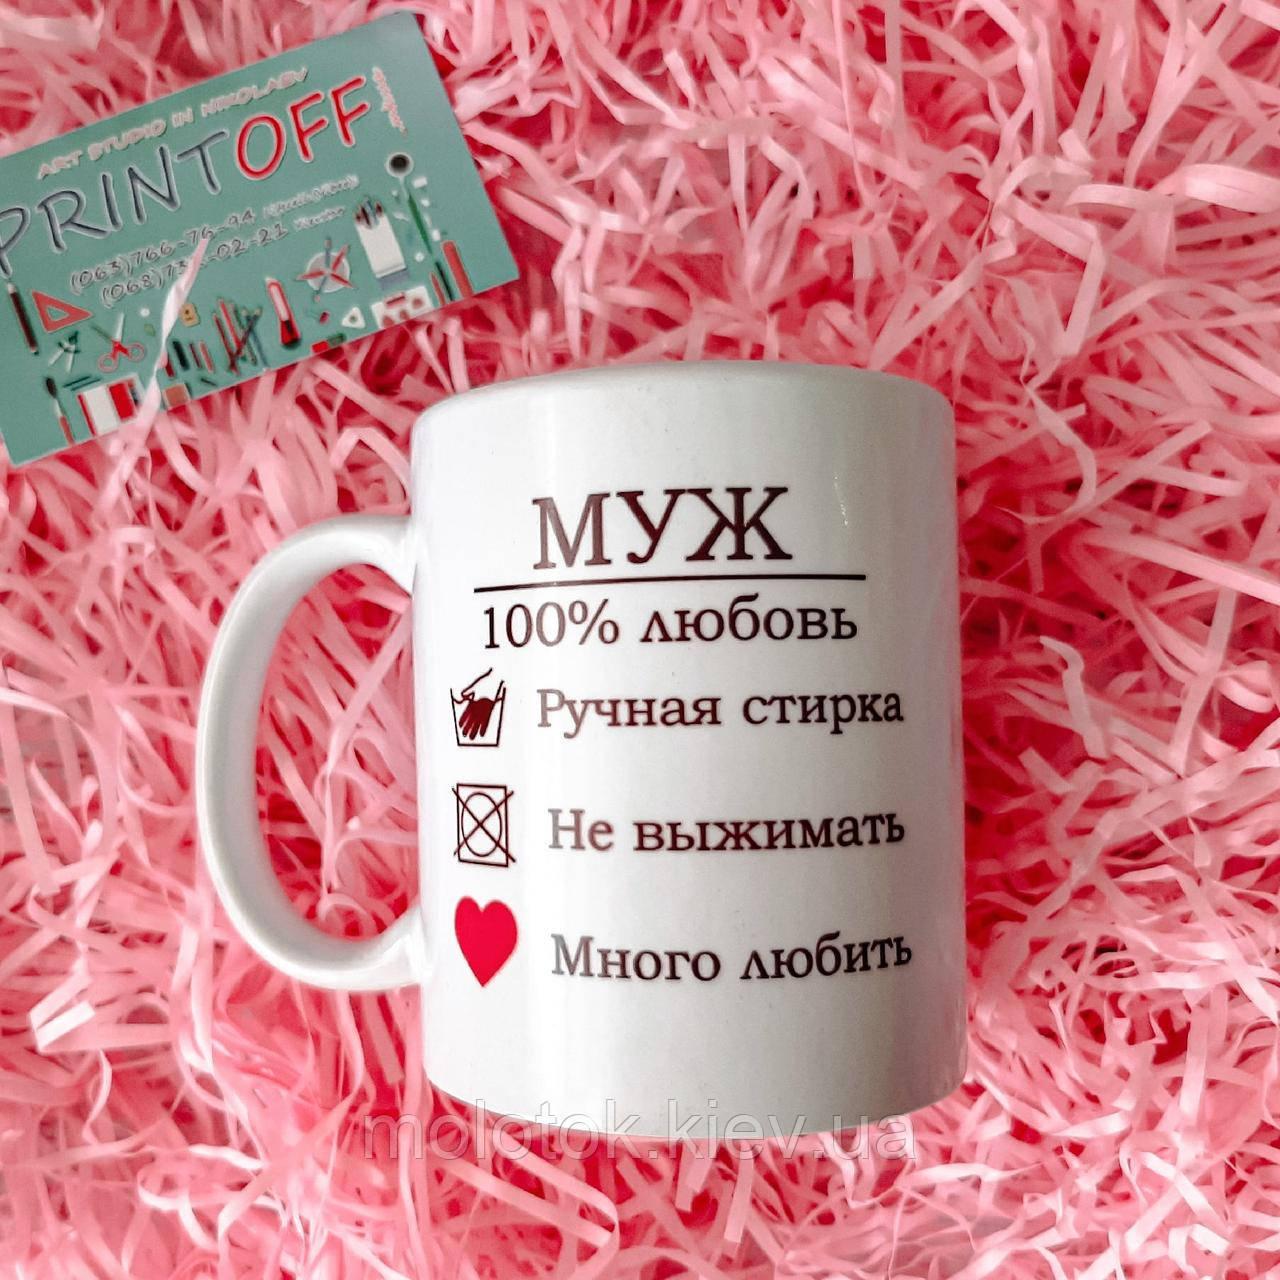 Чашка Для любимого мужа.